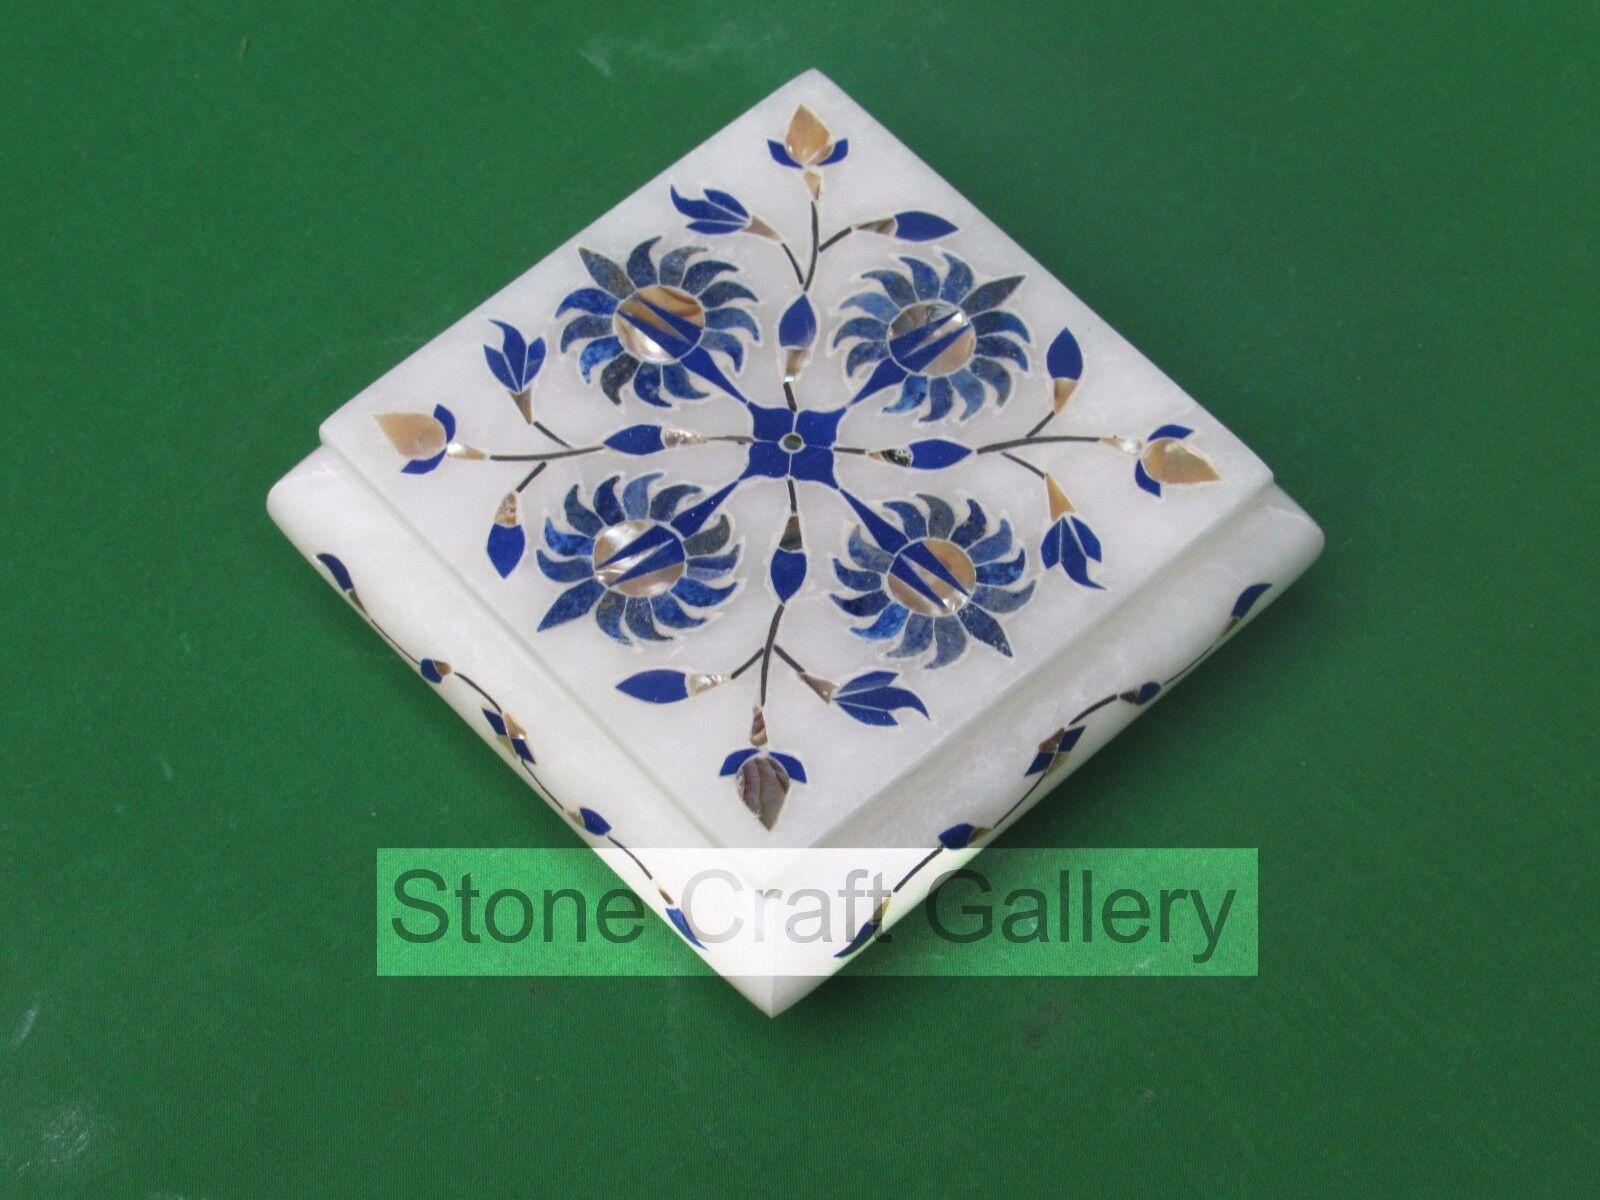 Marble Jewelry Box Pietra dura  Art Crafts White Stone Handmade and Gift